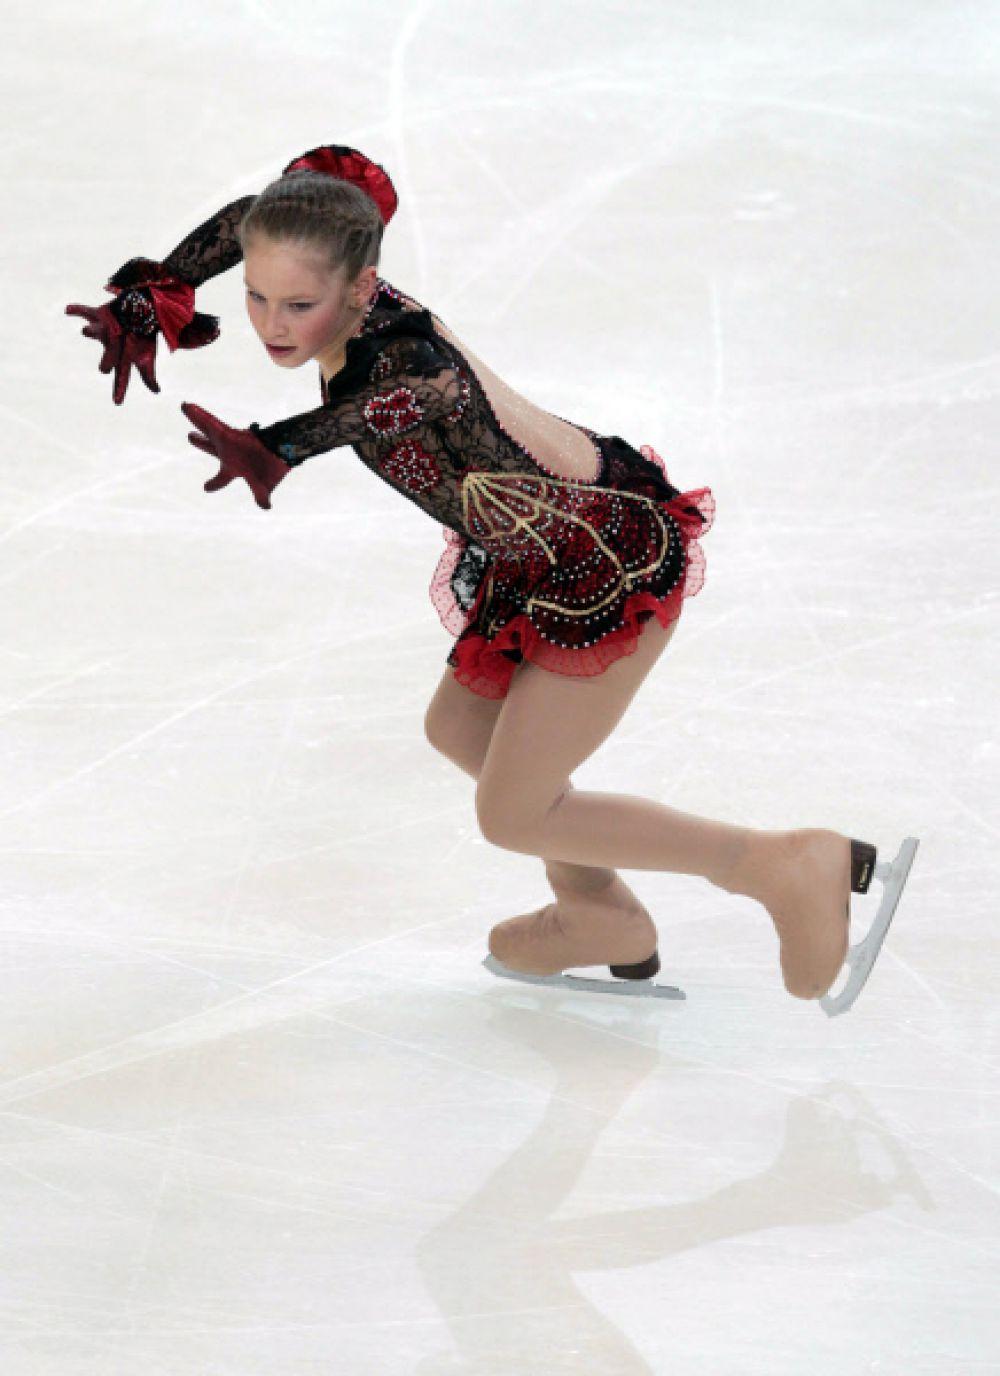 Юлия Липницкая исполняет произвольную программу на чемпионате России по фигурному катанию в Саранске. 2010 год.